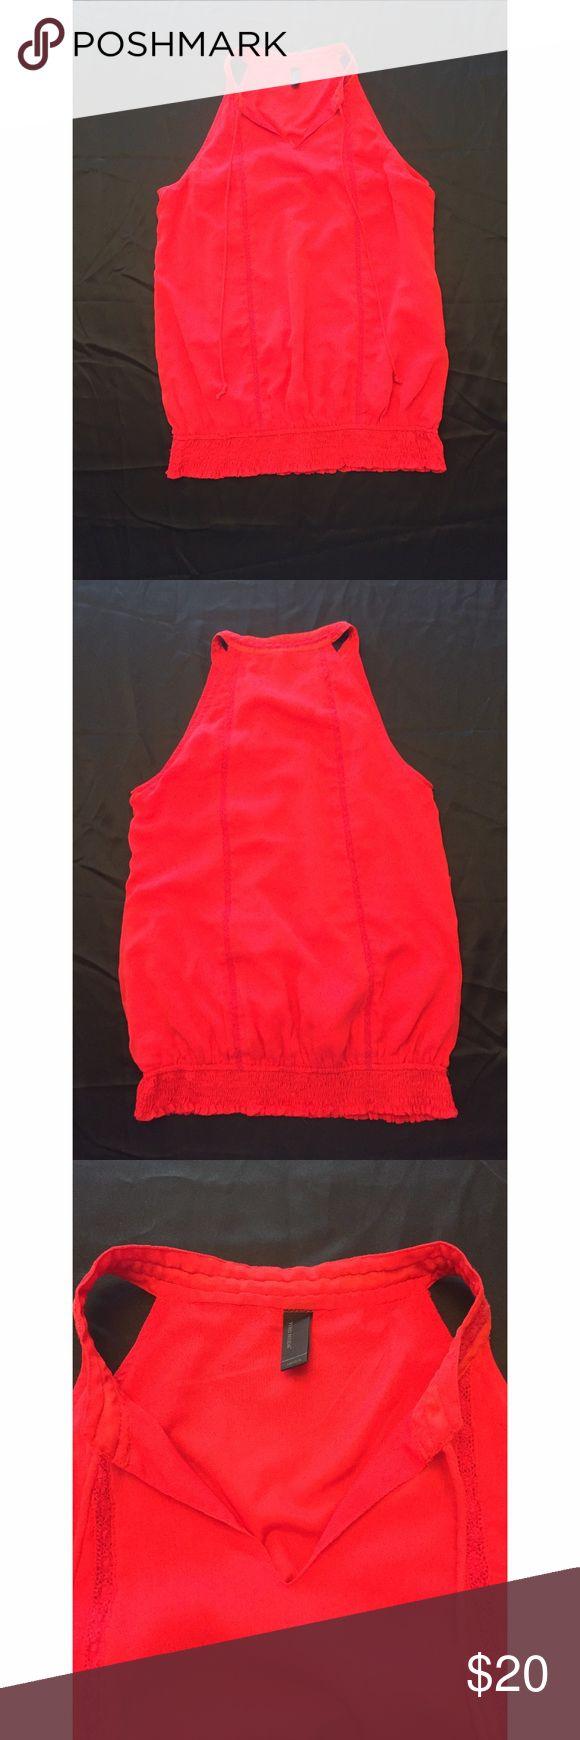 Vero Moda Halter Neck Top Red Size M Vero Moda Halter Neck Top Red Size M Vero Moda Tops Blouses